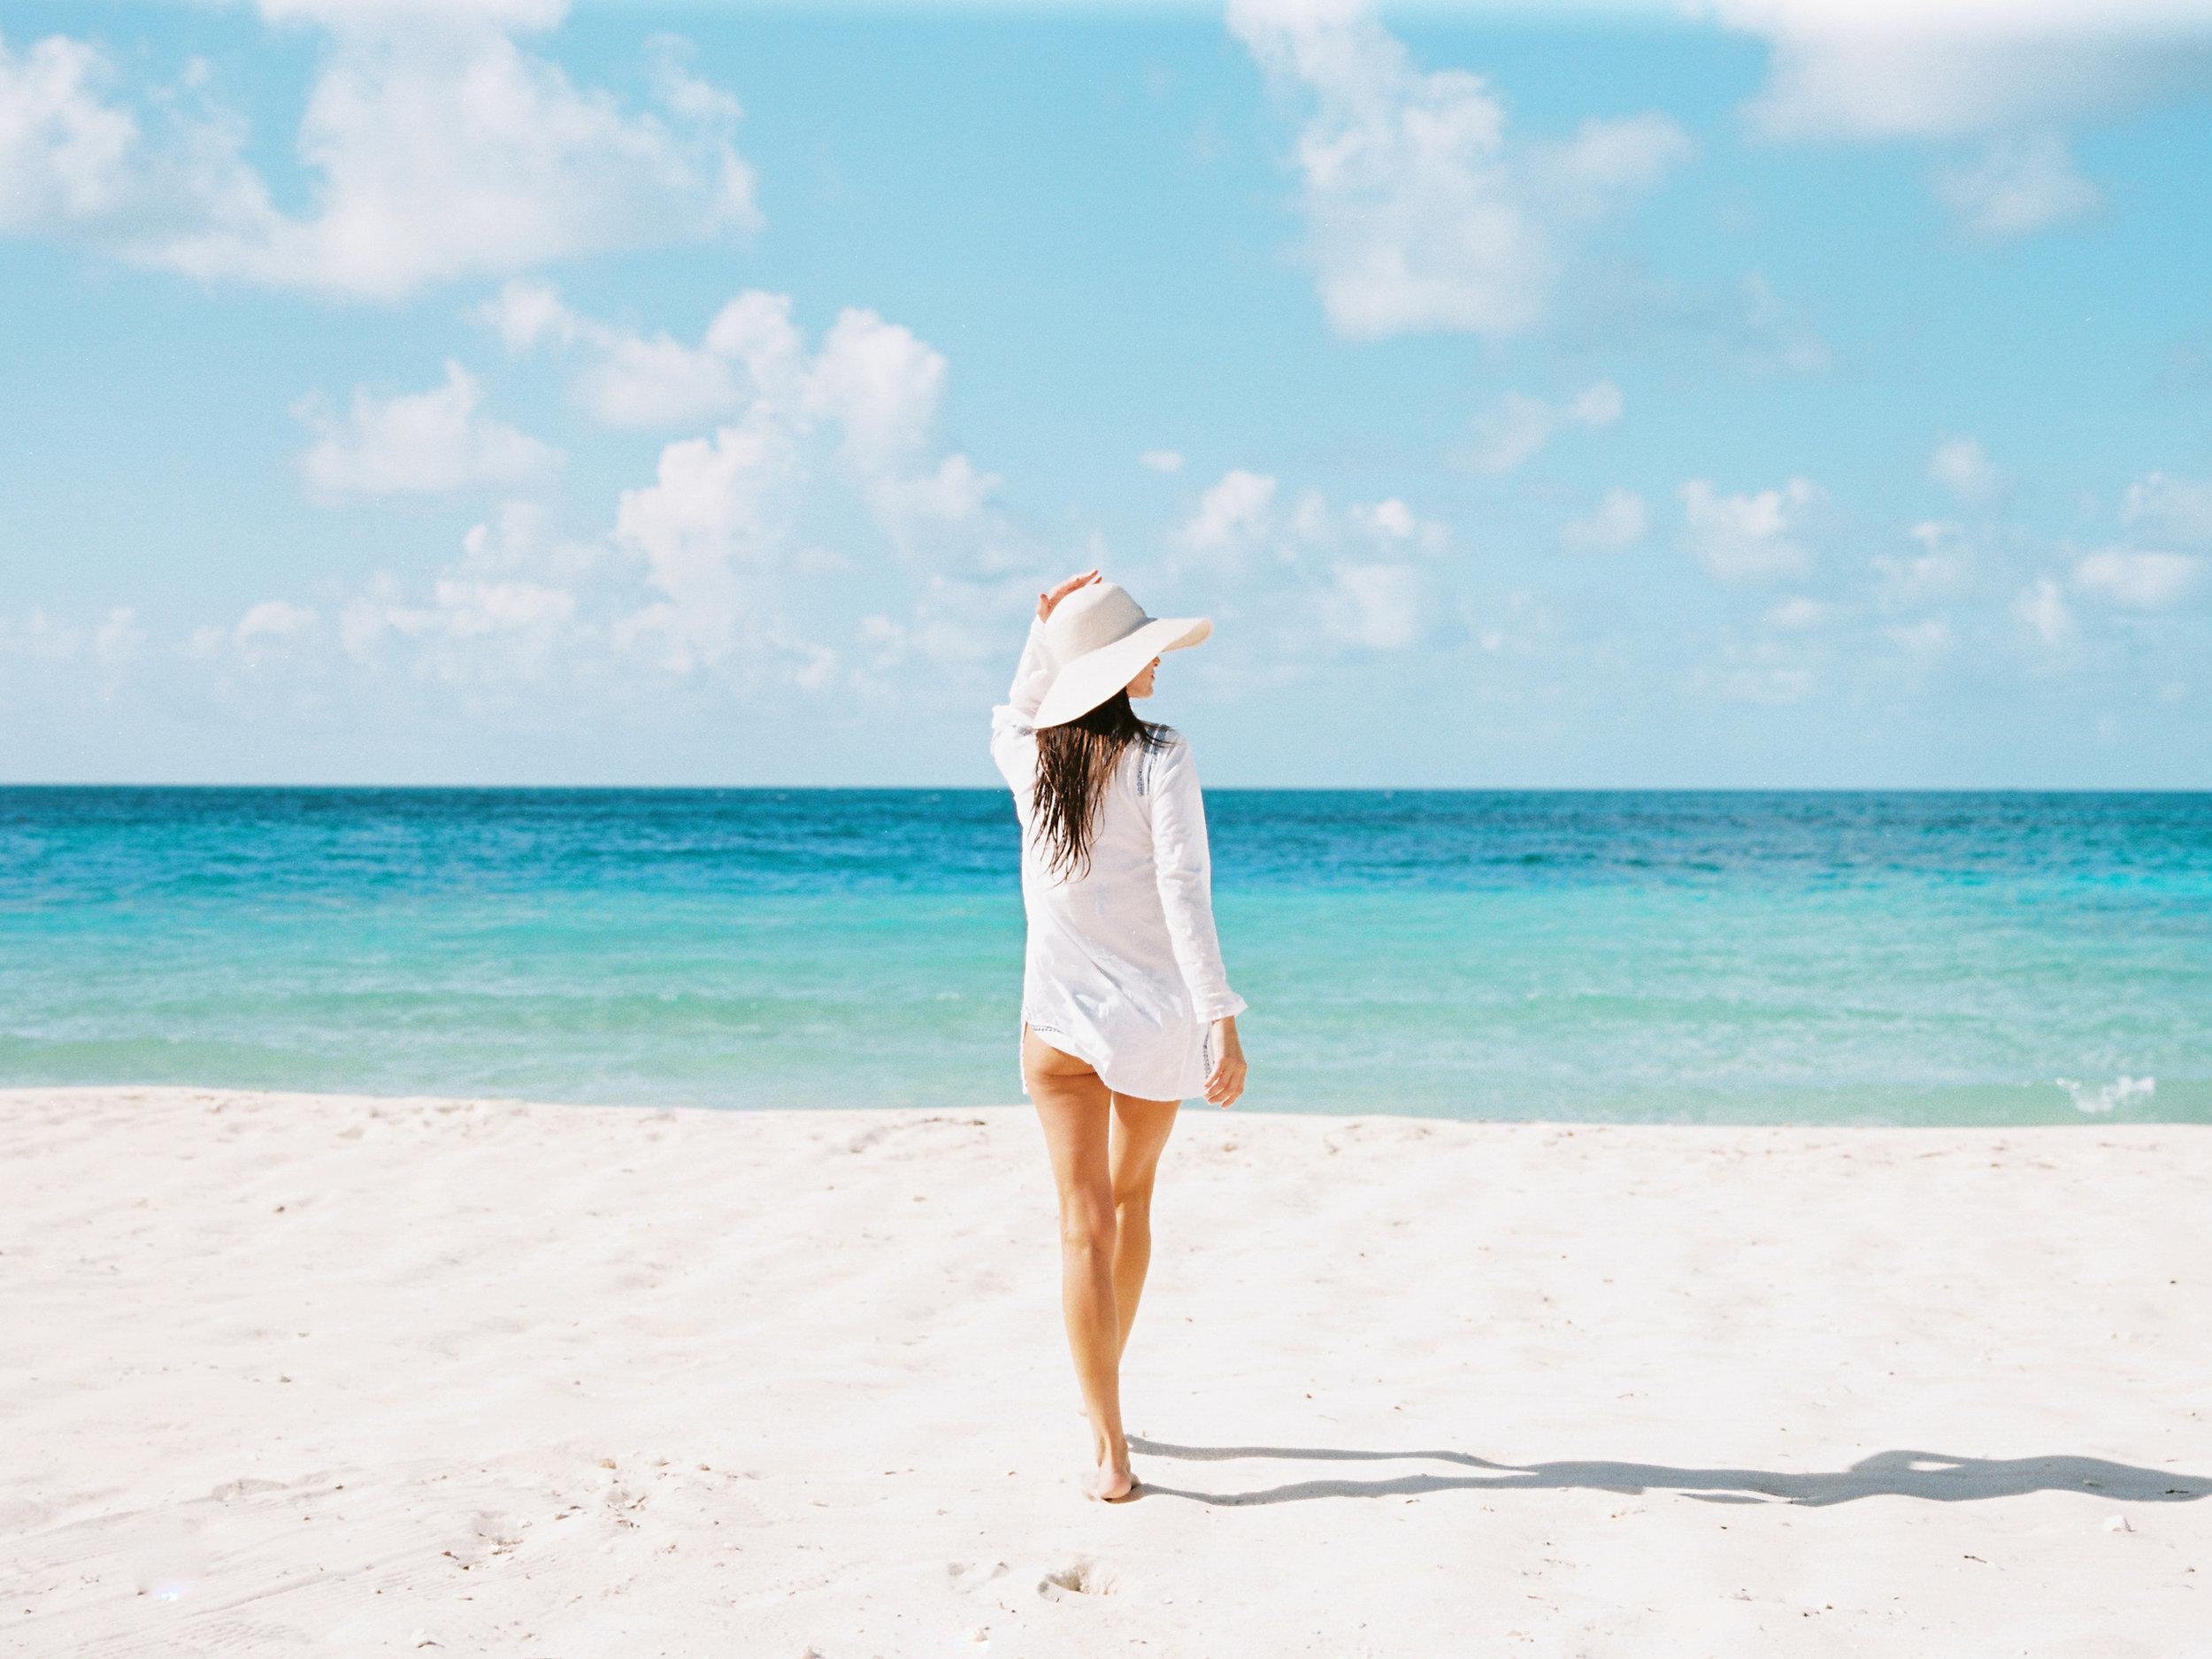 Phoenix Marketing Agency | The Cove-Eleuthera Bahamas